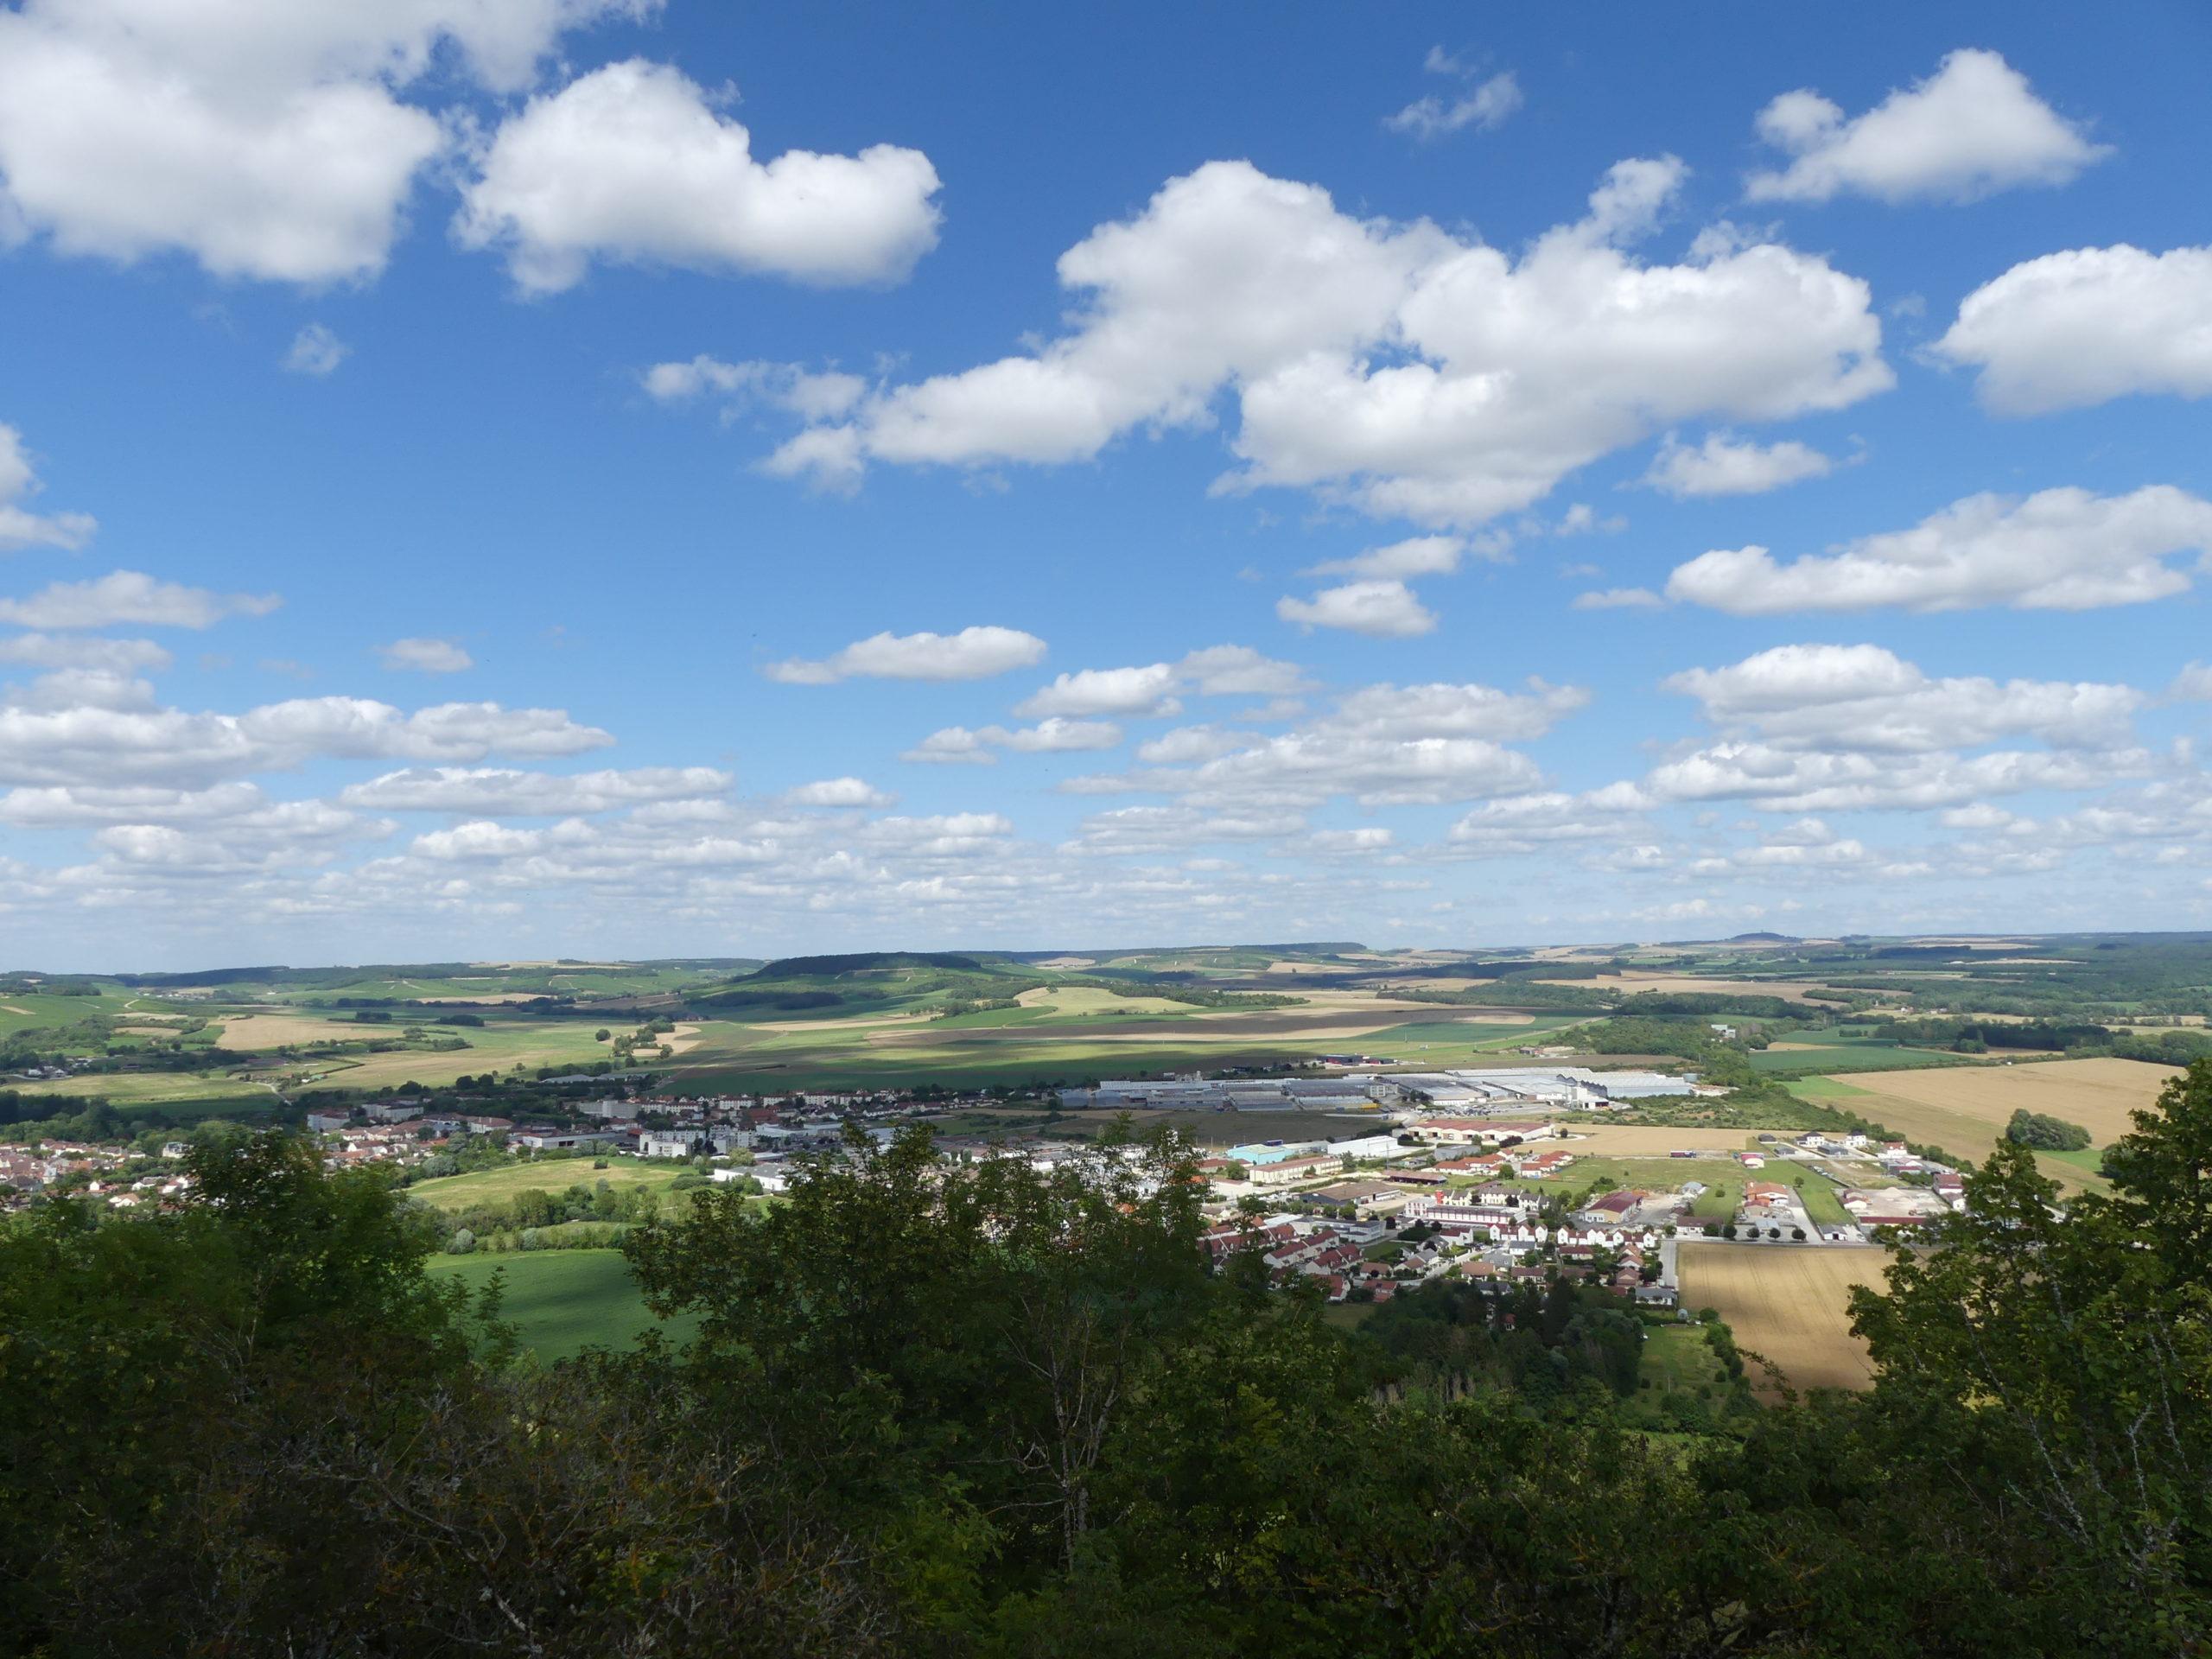 Aussicht Bar-Sur-Aube